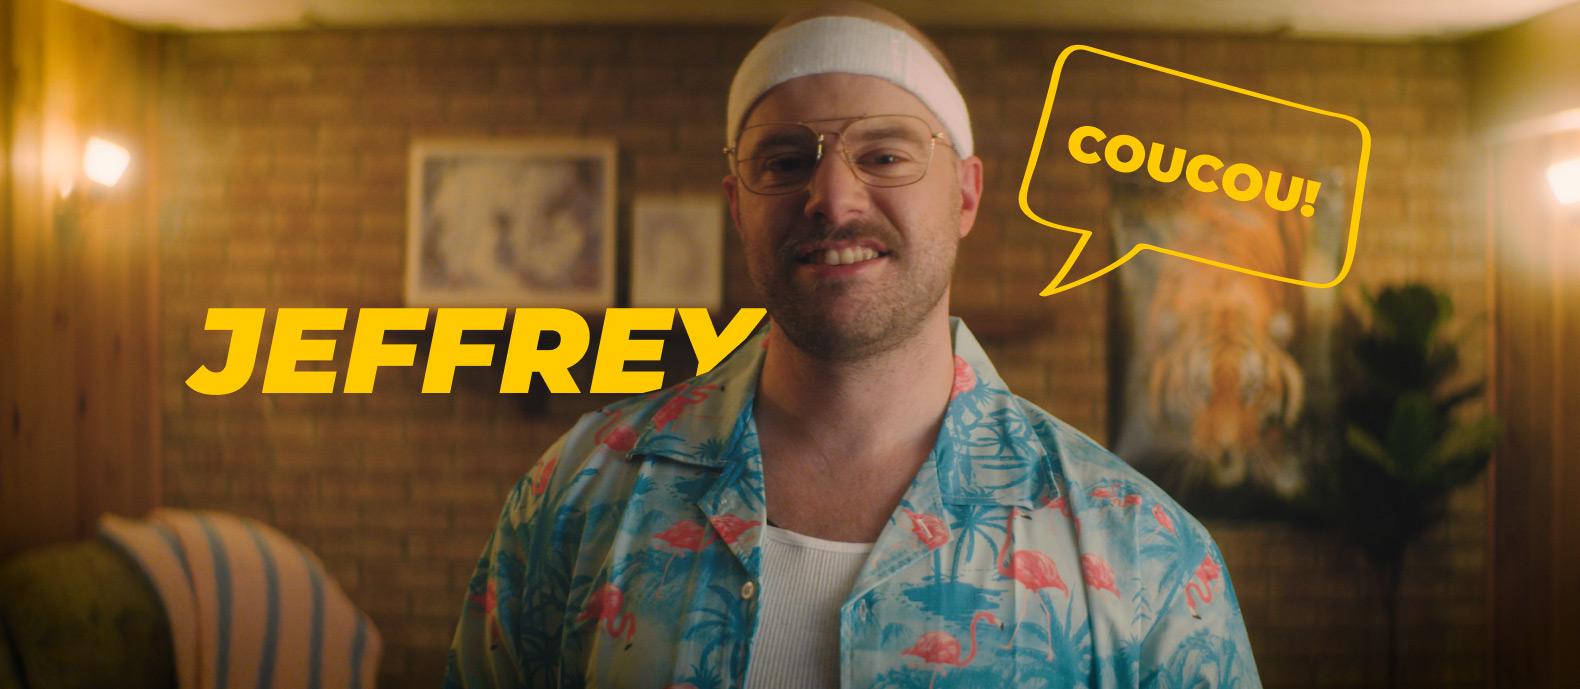 Coucou, Jeffrey, c'est moi